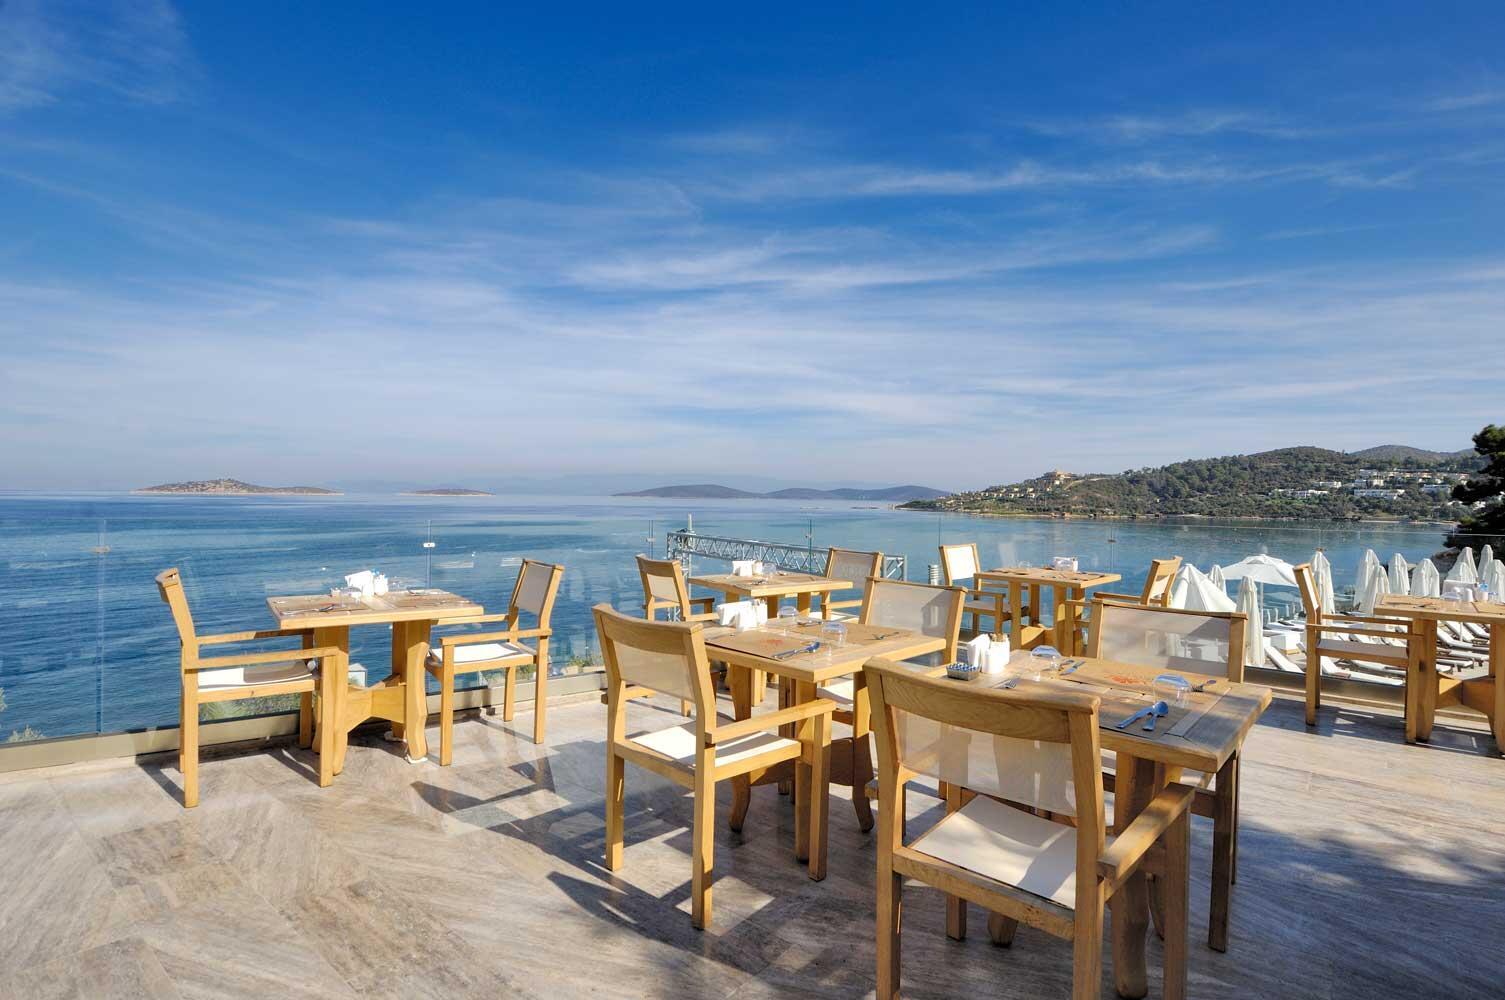 Dining at Sarpedor Boutique Beach Hotel in Bodrum, Turkey